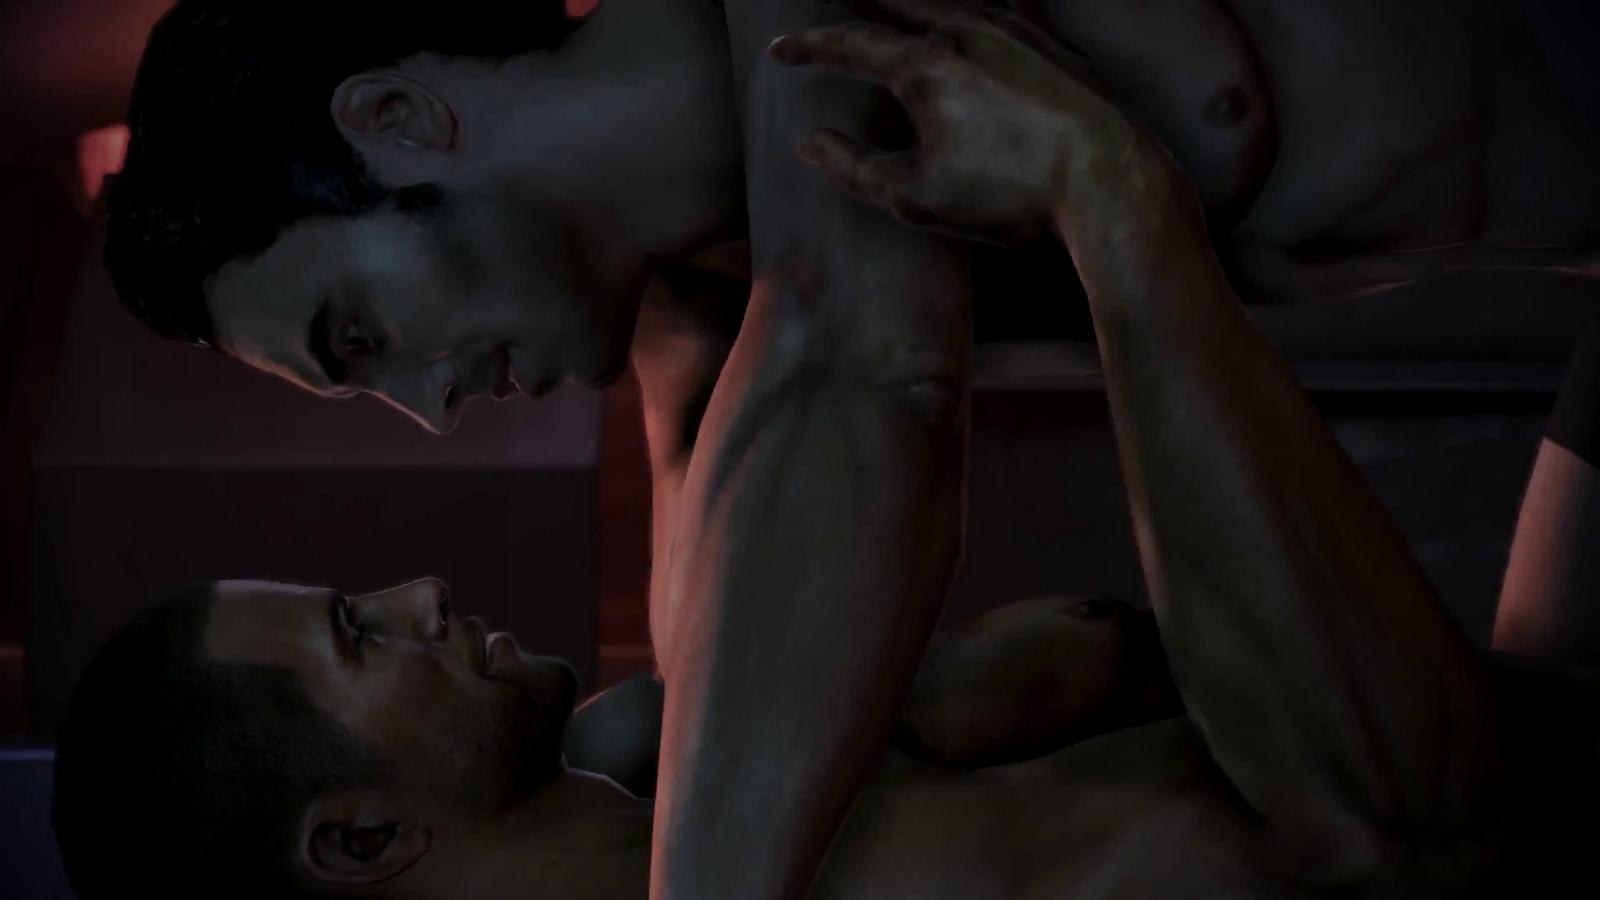 huge gay senior dick videos